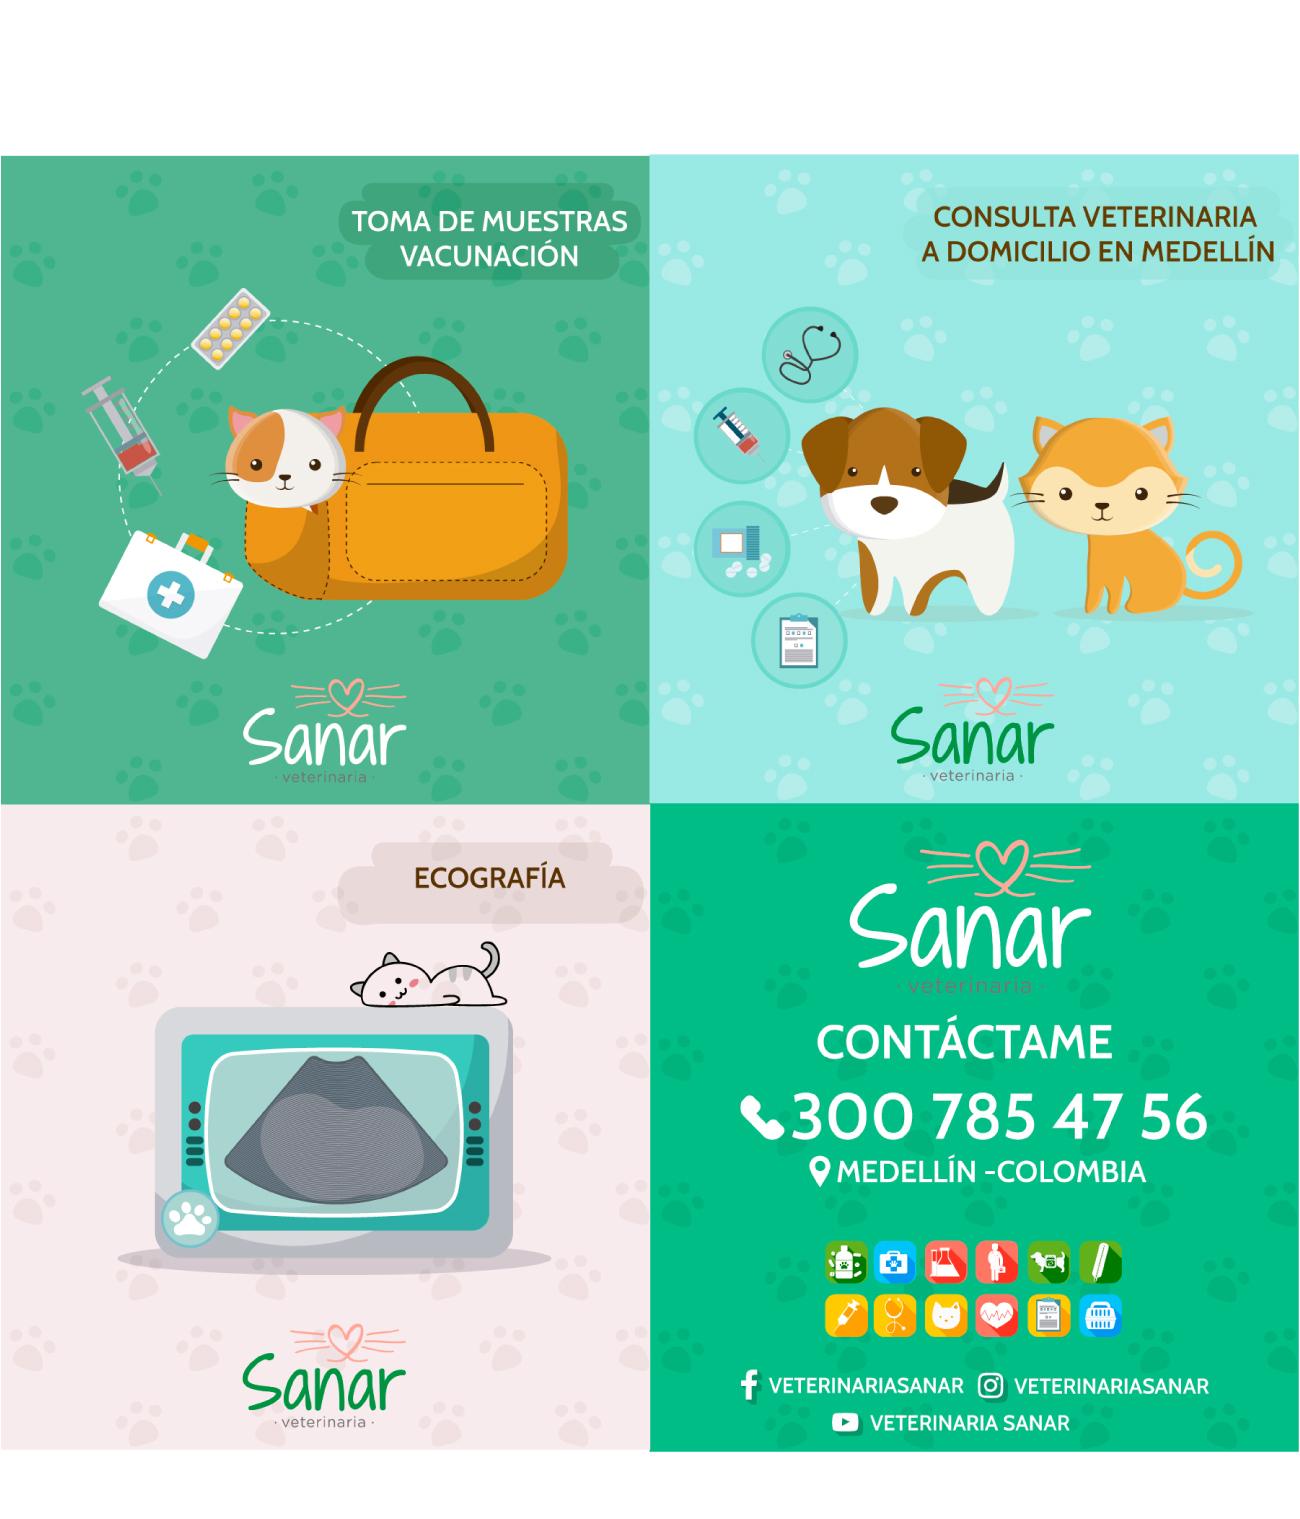 c_veterinaria